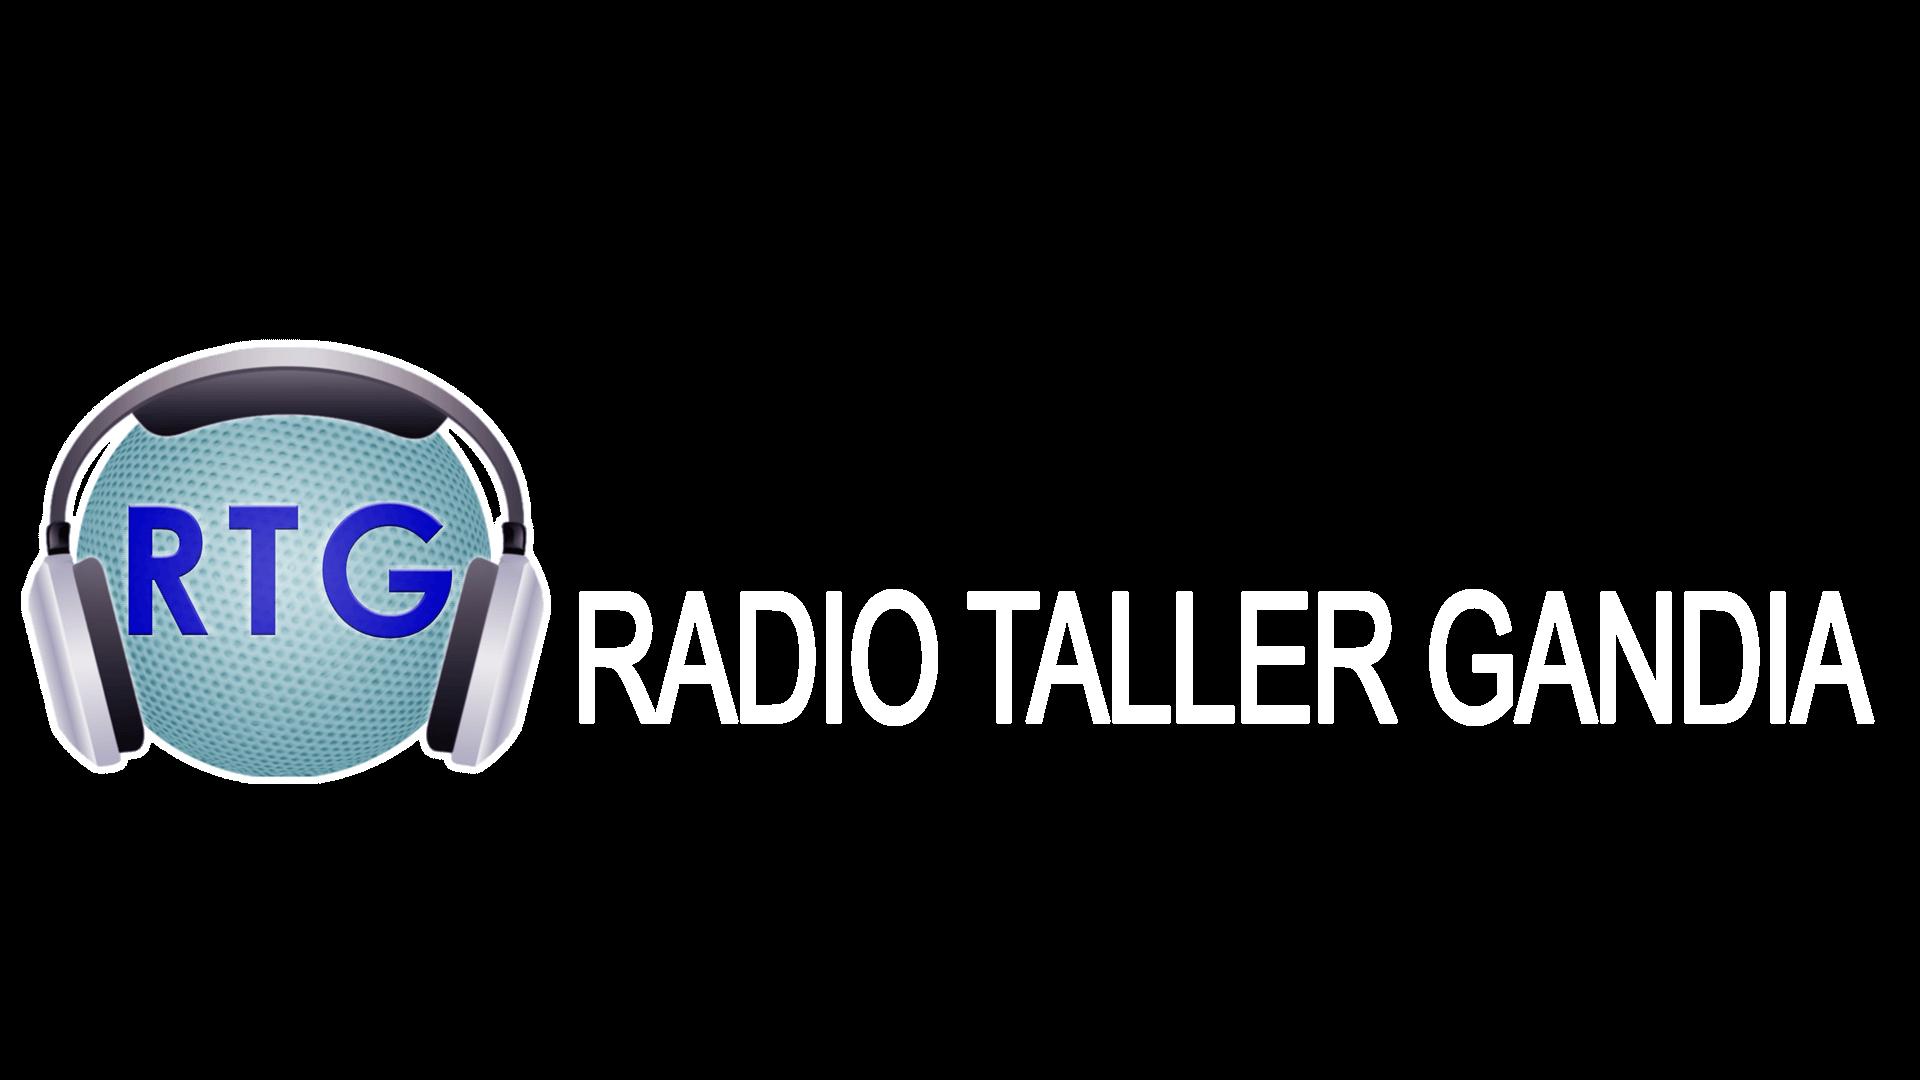 Radio Taller Gandía